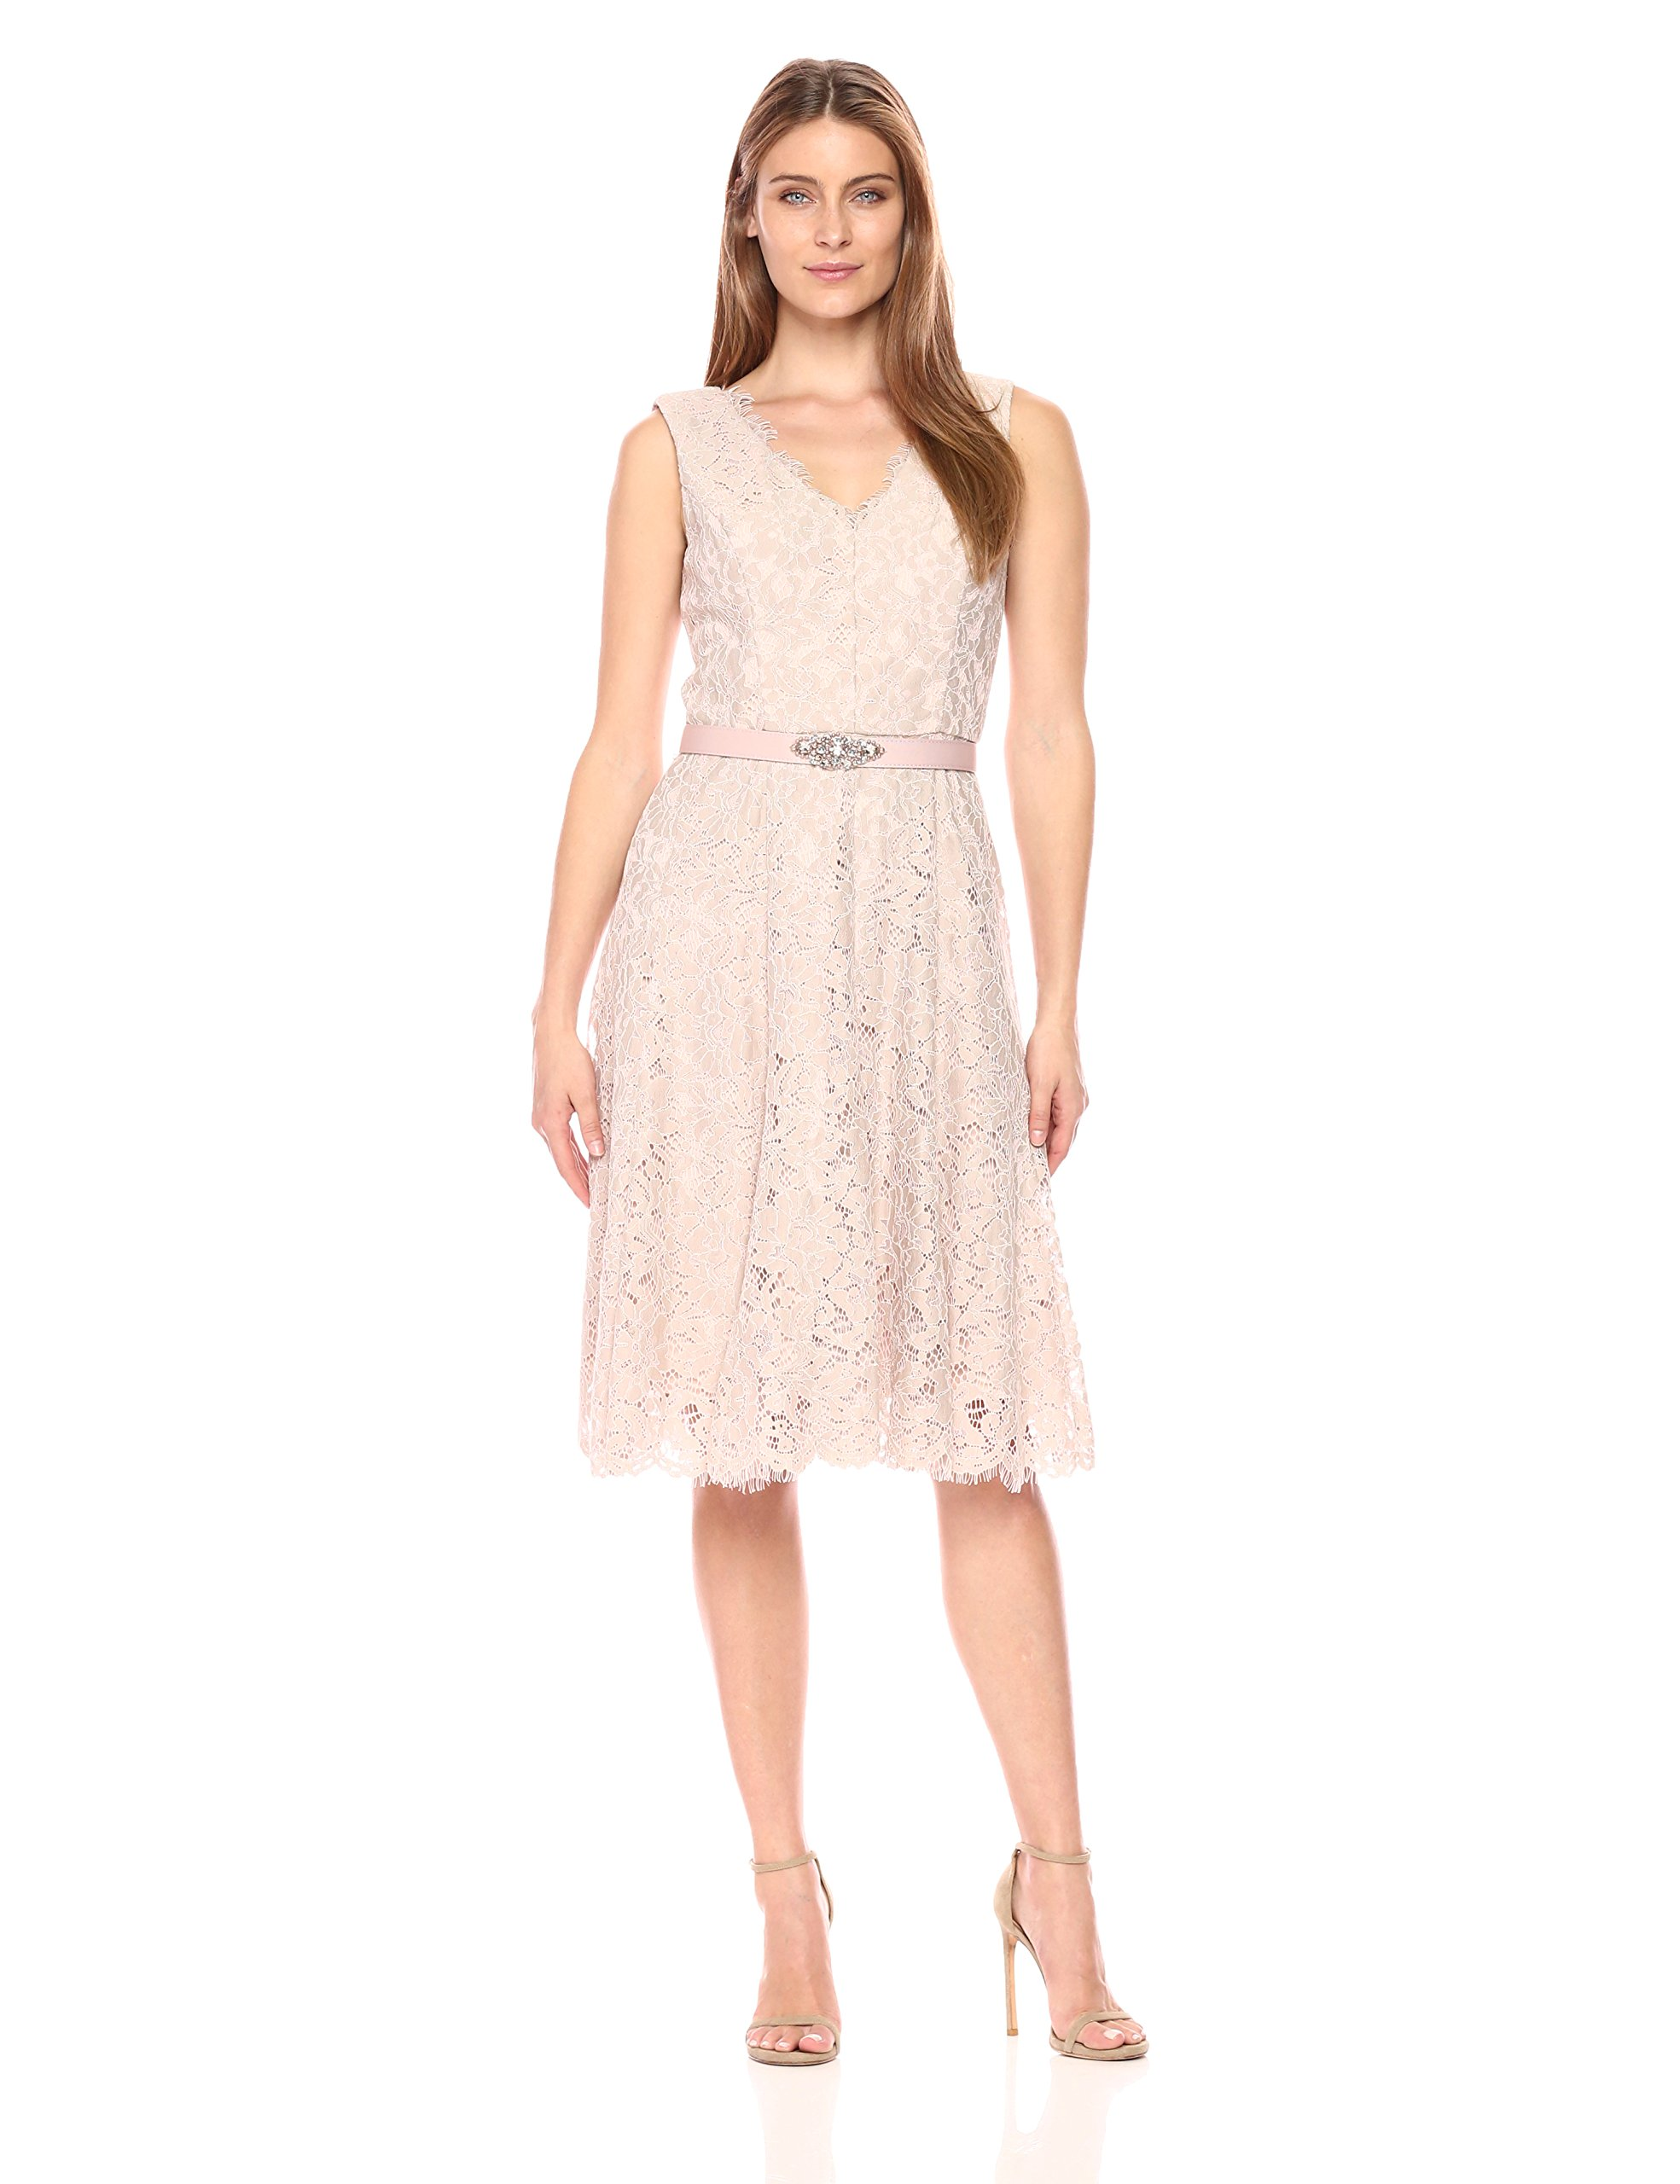 Available at Amazon: Jessica Howard Women's Sleeveless V-Neck Dress Seamed